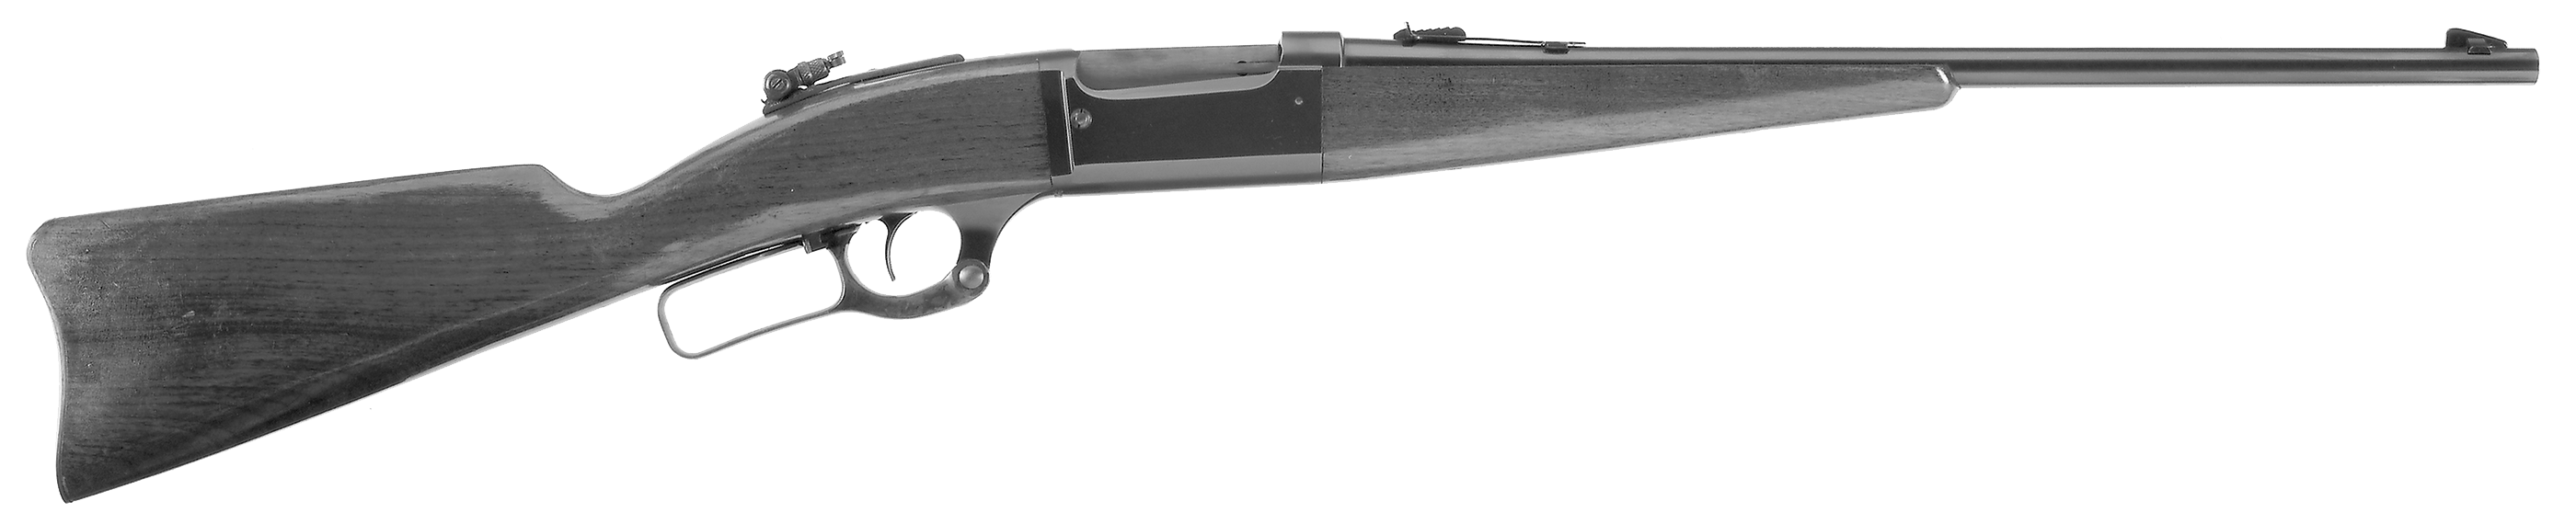 Model 99-E Lightweight Rifle